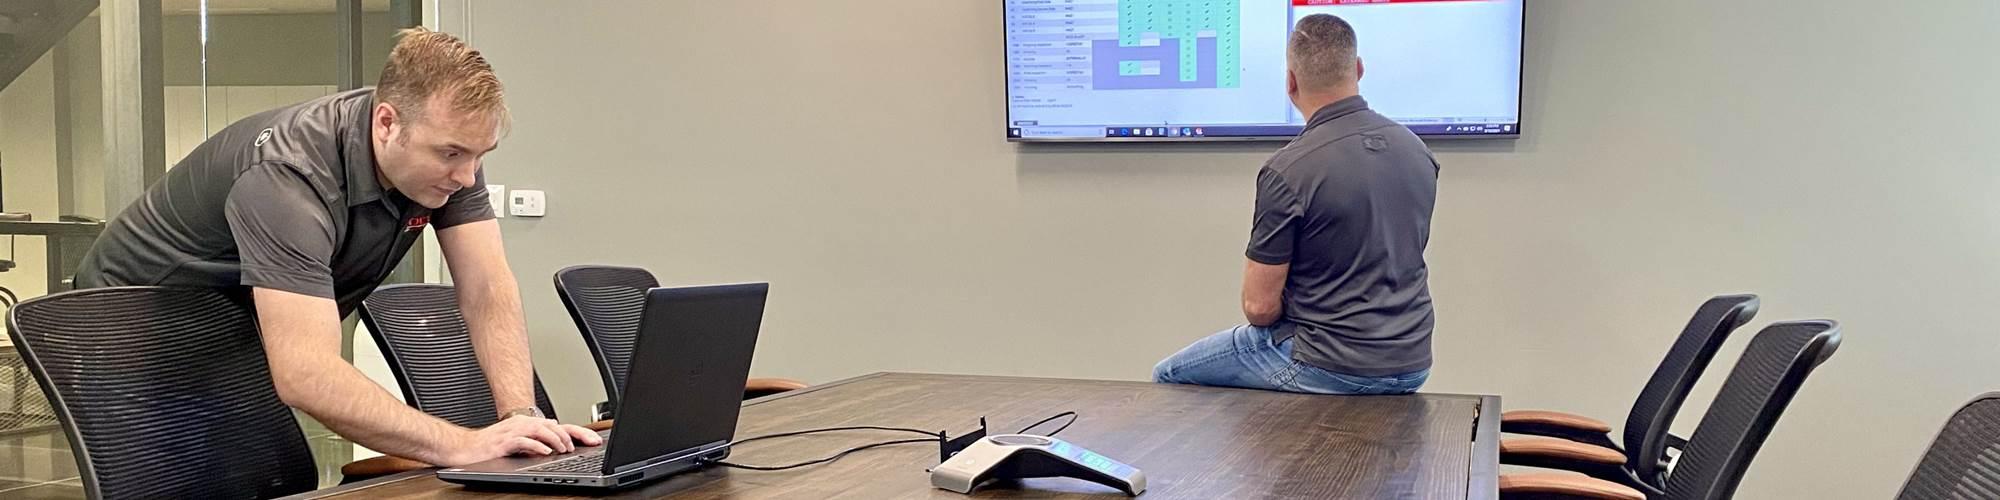 会议室里的人们在电脑上工作,看着墙上的屏幕。